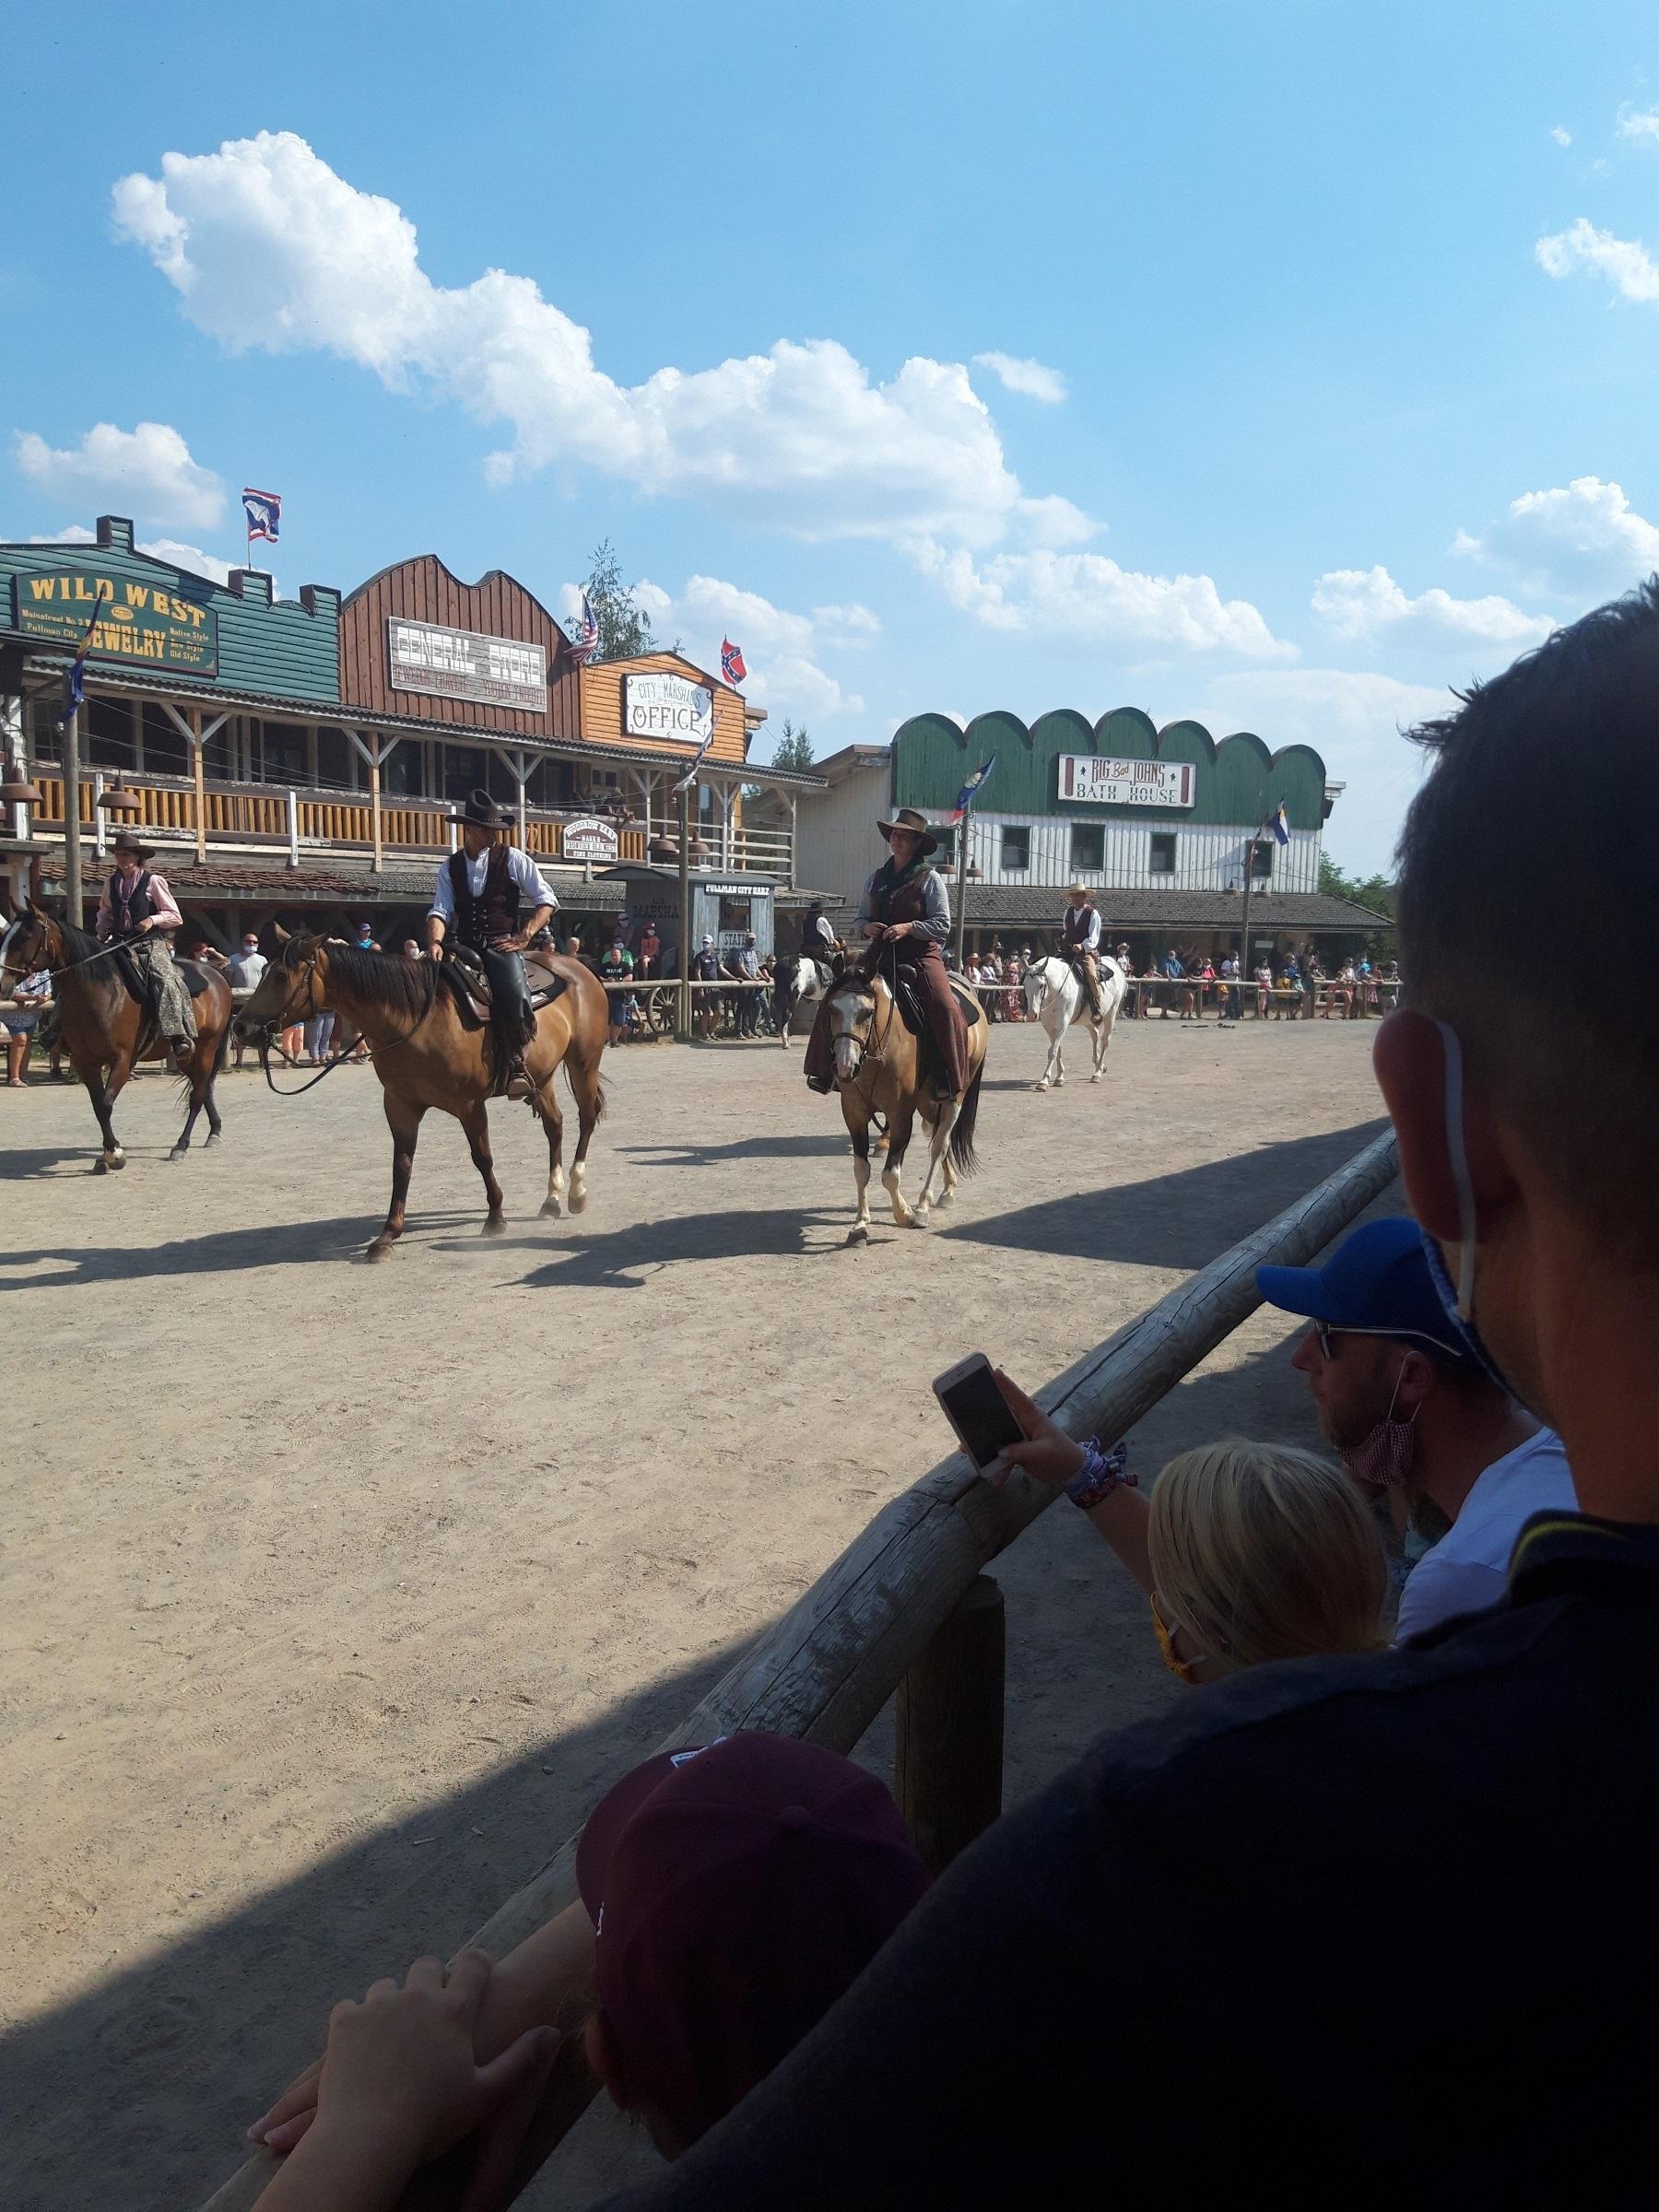 Cowboys auf der Mainstreet.